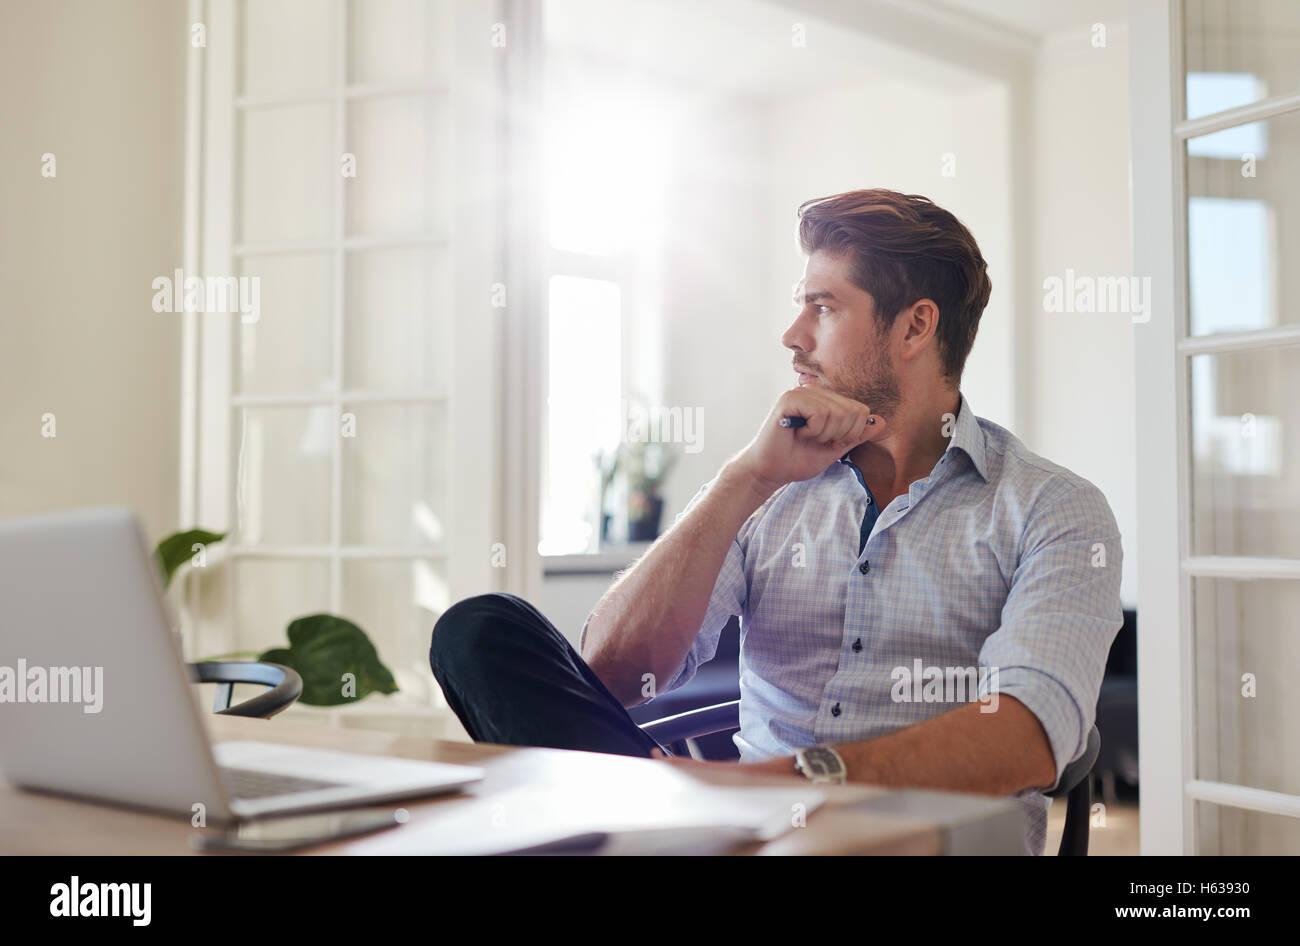 Aufnahme des jungen Mann am Tisch wegschauen und denken. Nachdenklich Geschäftsmann sitzen home-Office. Stockbild